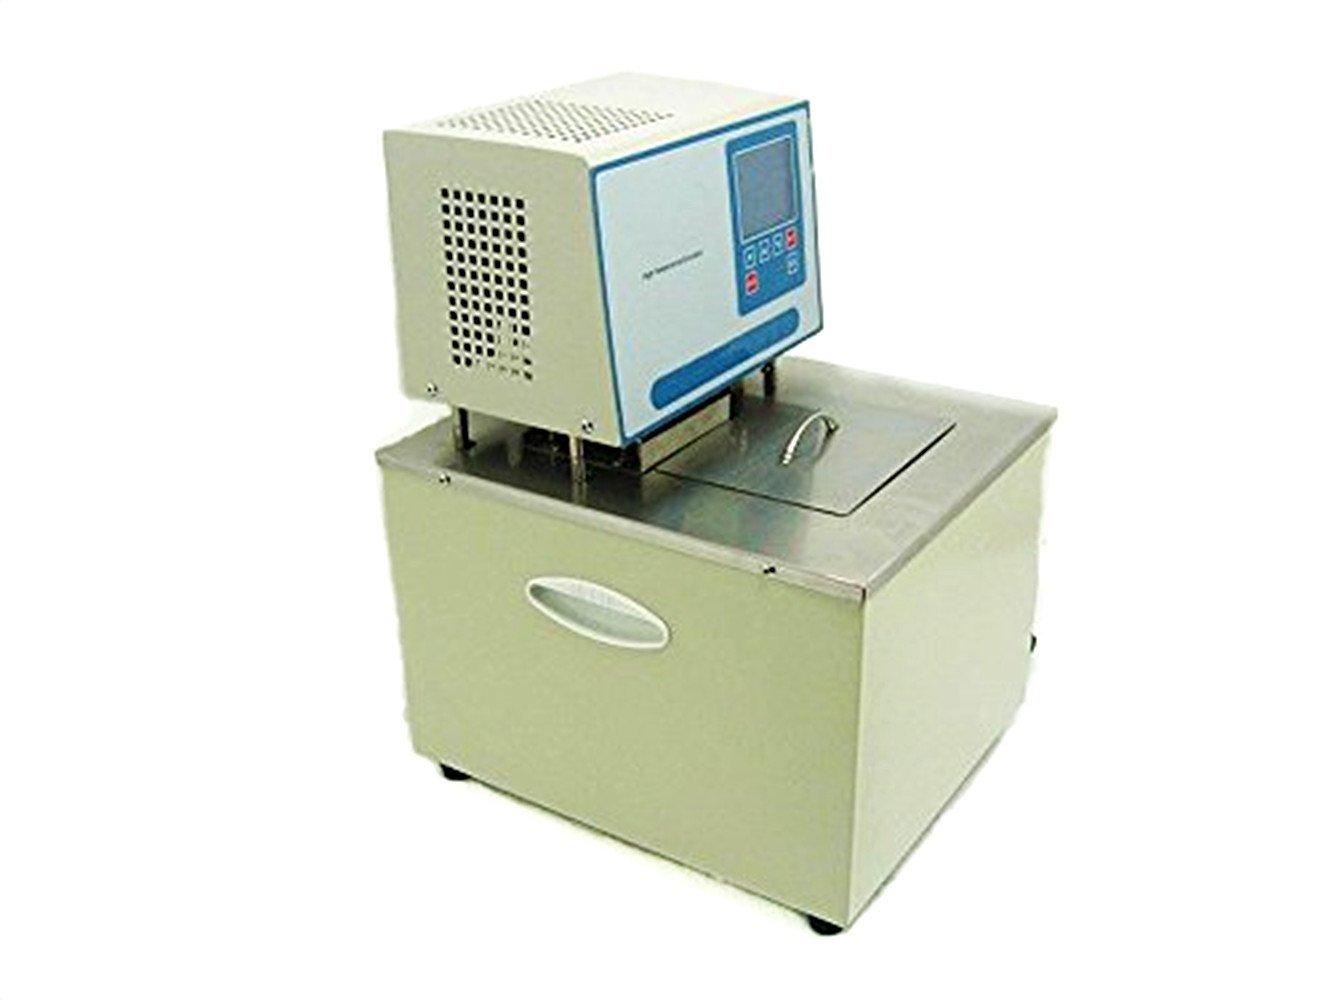 Envío rápido y el mejor servicio 110V Alta temperatura termostato temperatura baño de de de aceite 5L de la habitación  300 C 8l min para Reactor evaporador, 110V  compra limitada